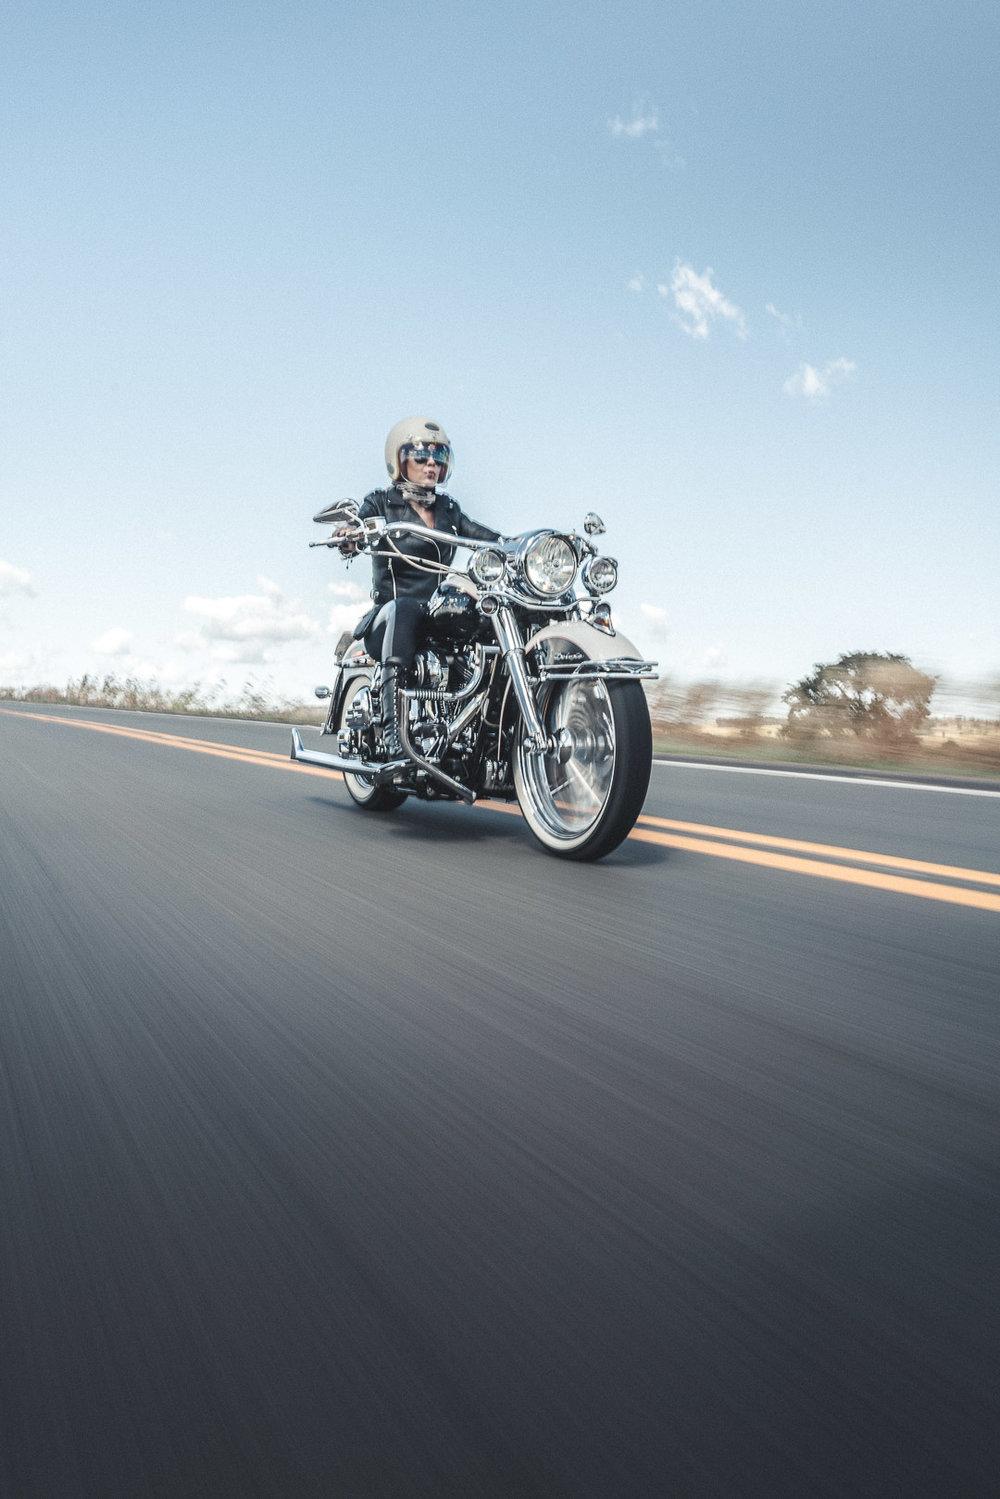 Mulheres Harley Davidson Brasil